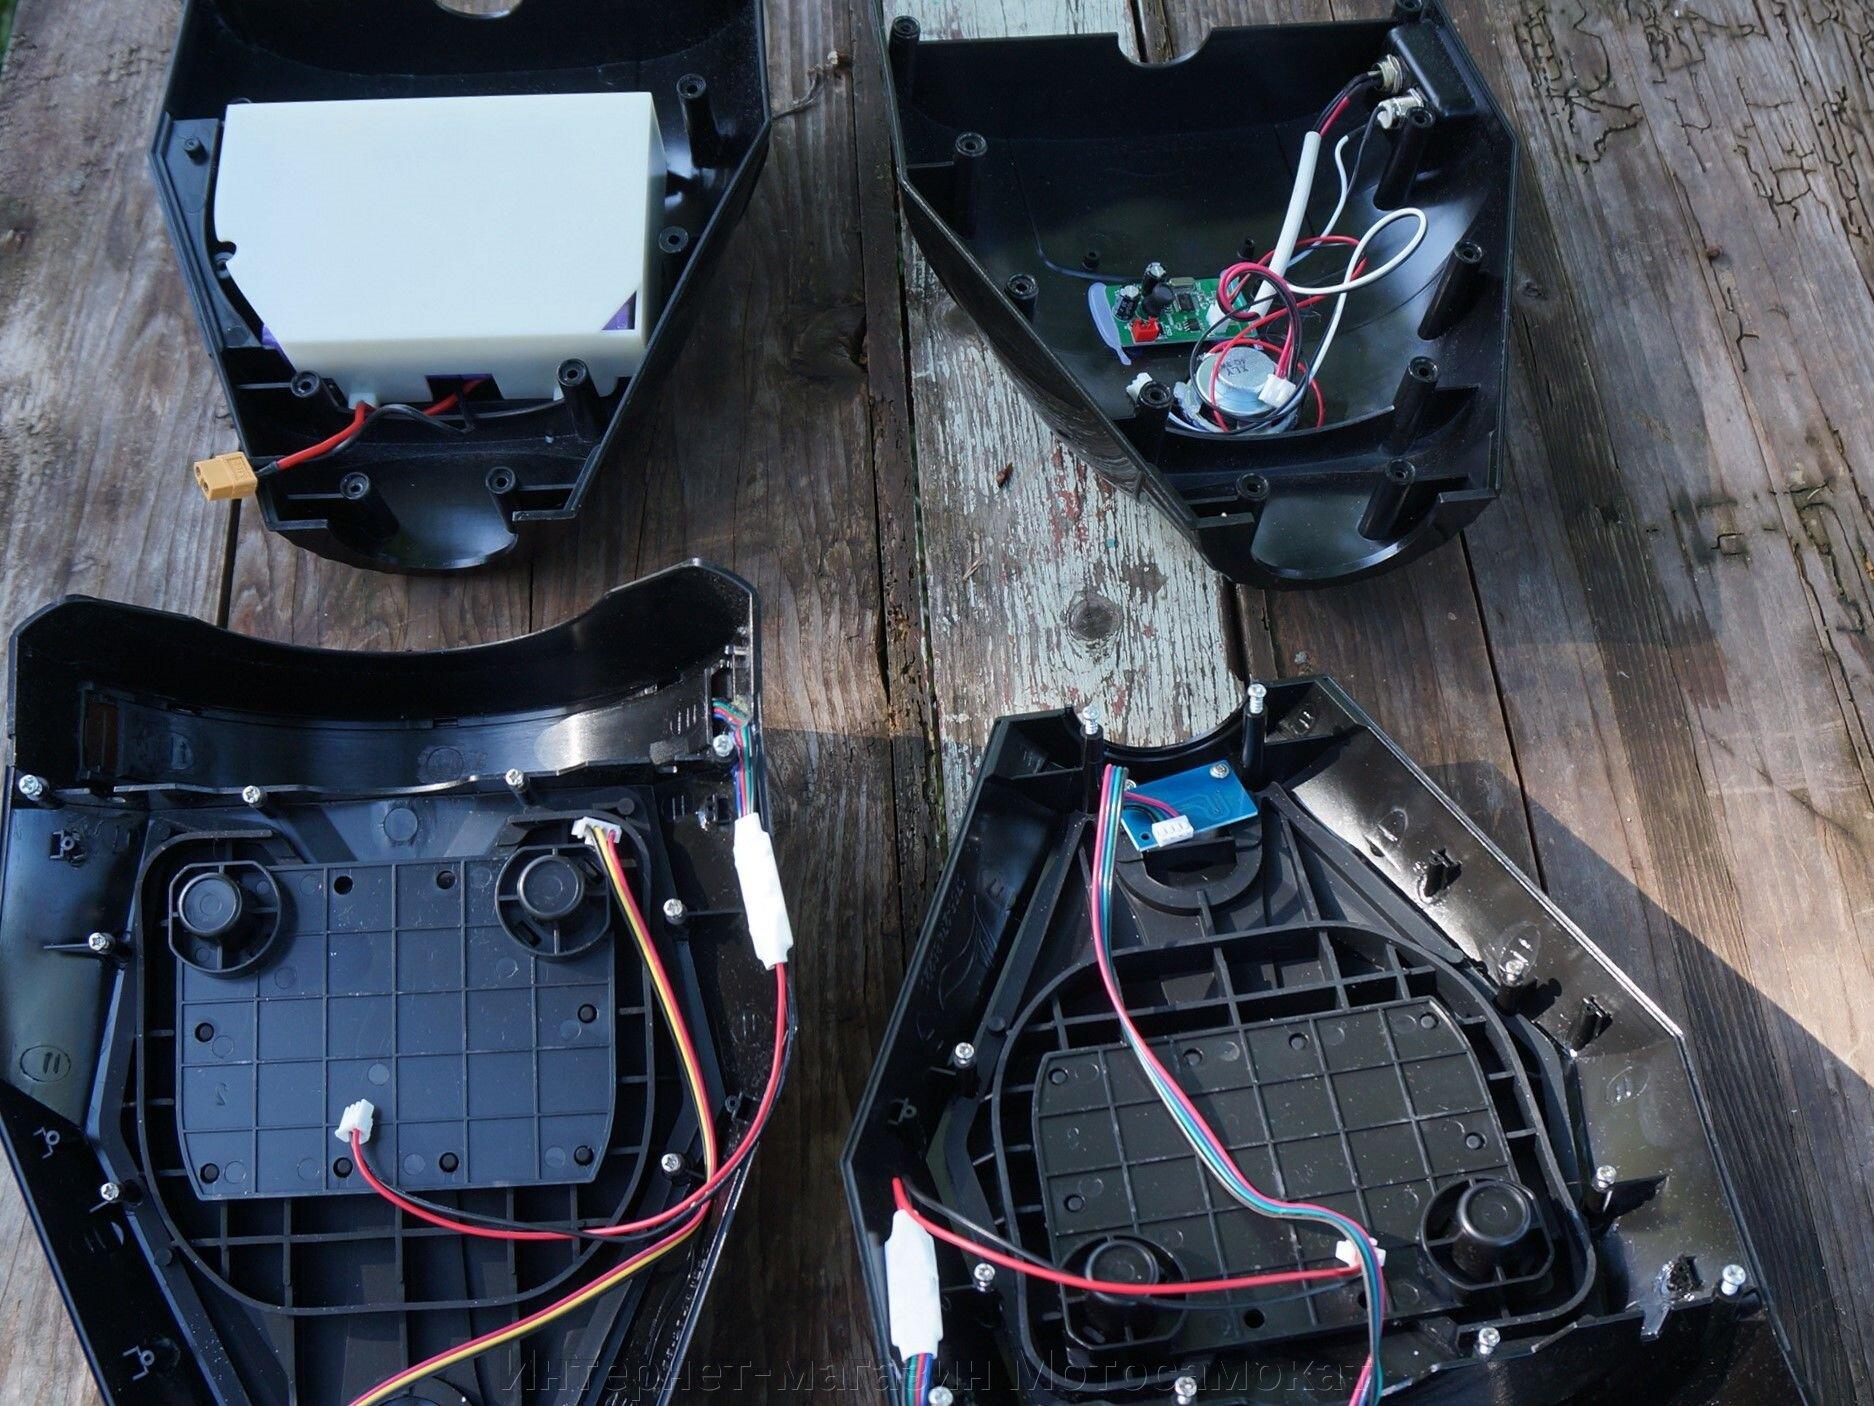 Корпус для гироскутера 6.5 дюймов - фото Корпус для гироскутера 6.5 дюймов